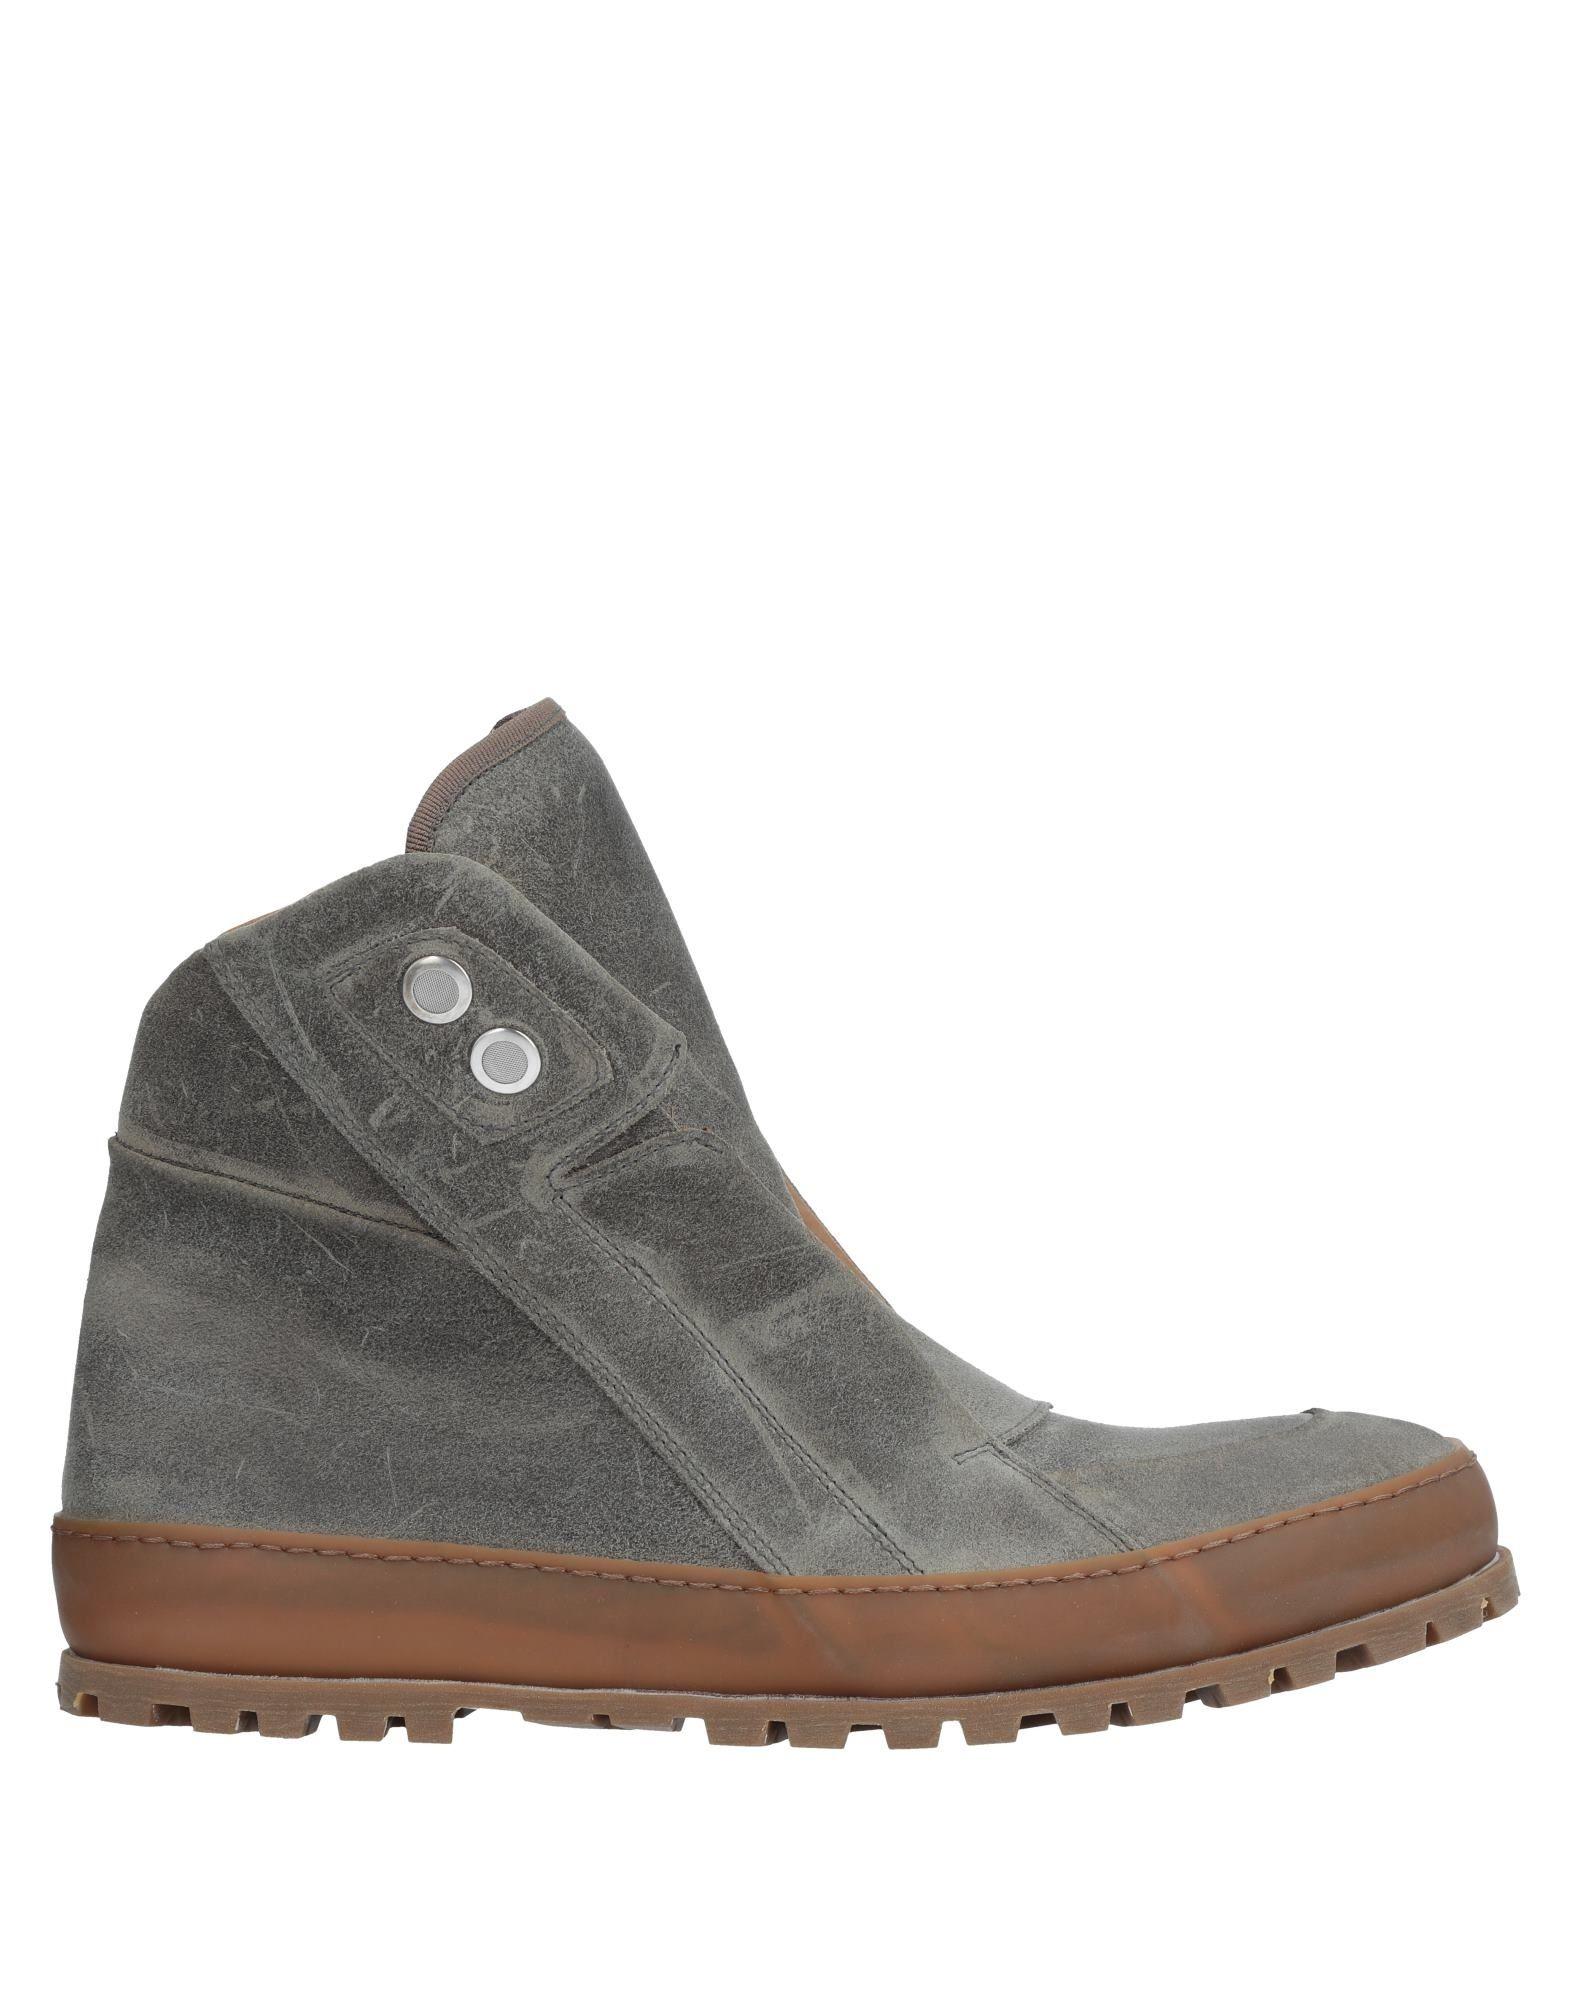 Premiata Boots - Men Premiata Australia Boots online on  Australia Premiata - 11530690SR a5cdd3